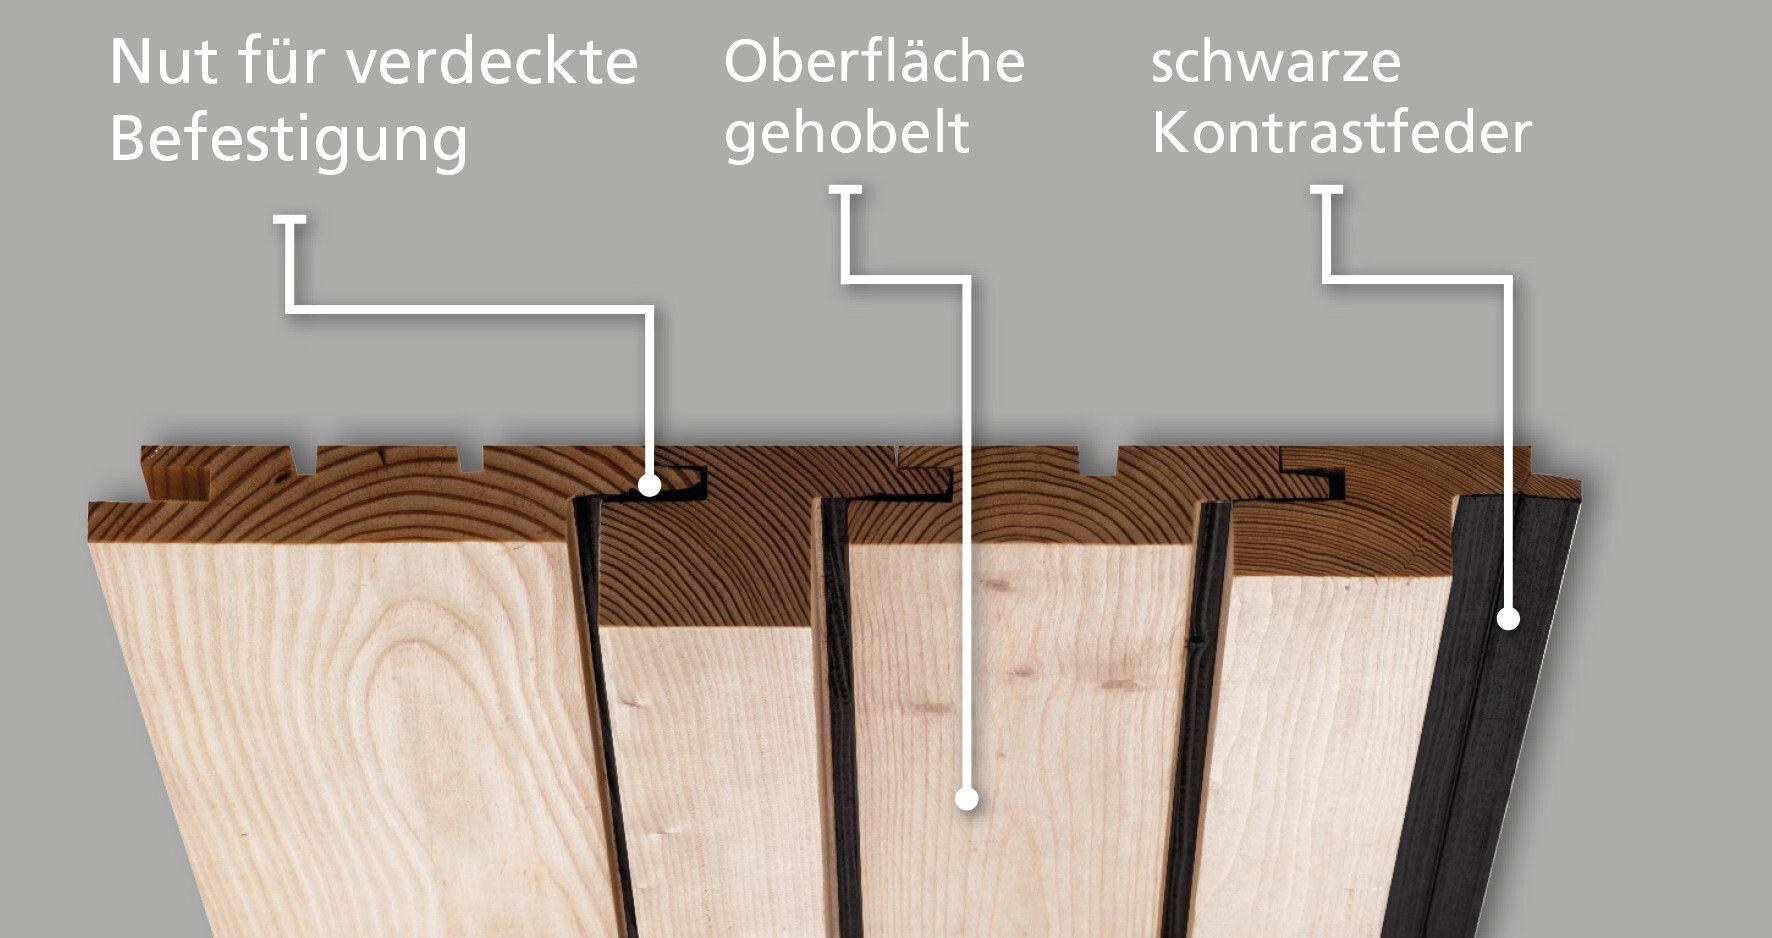 holz fassadenprofile mit nut und feder horizontal oder vertikal ais. Black Bedroom Furniture Sets. Home Design Ideas